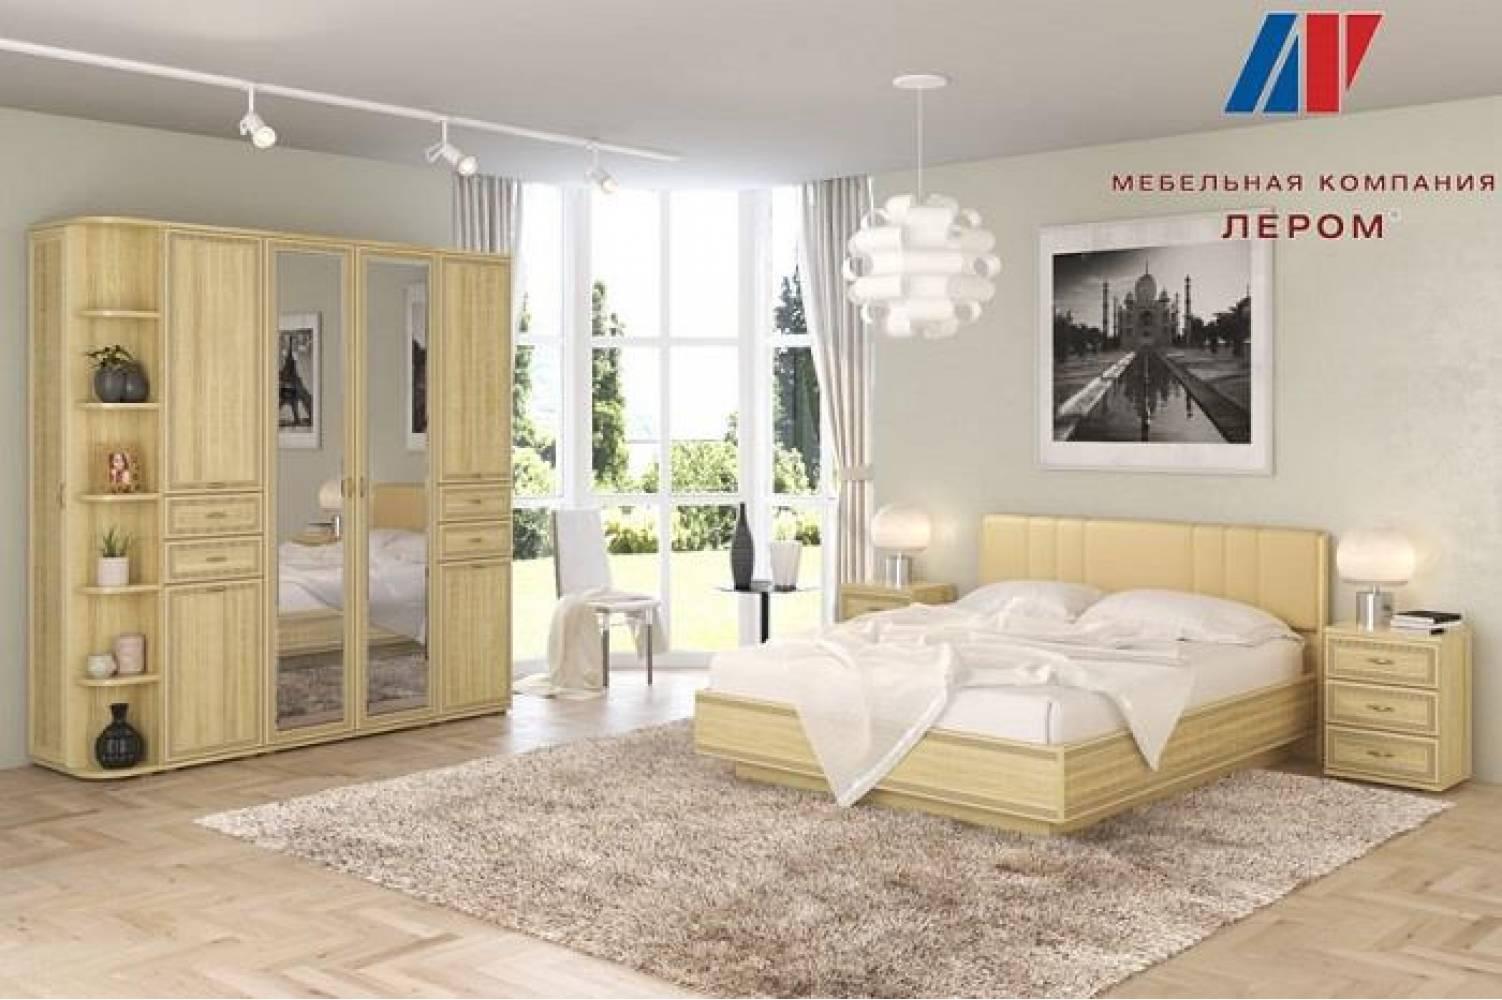 Спальня КАРИНА (Ясень Асахи) Лером